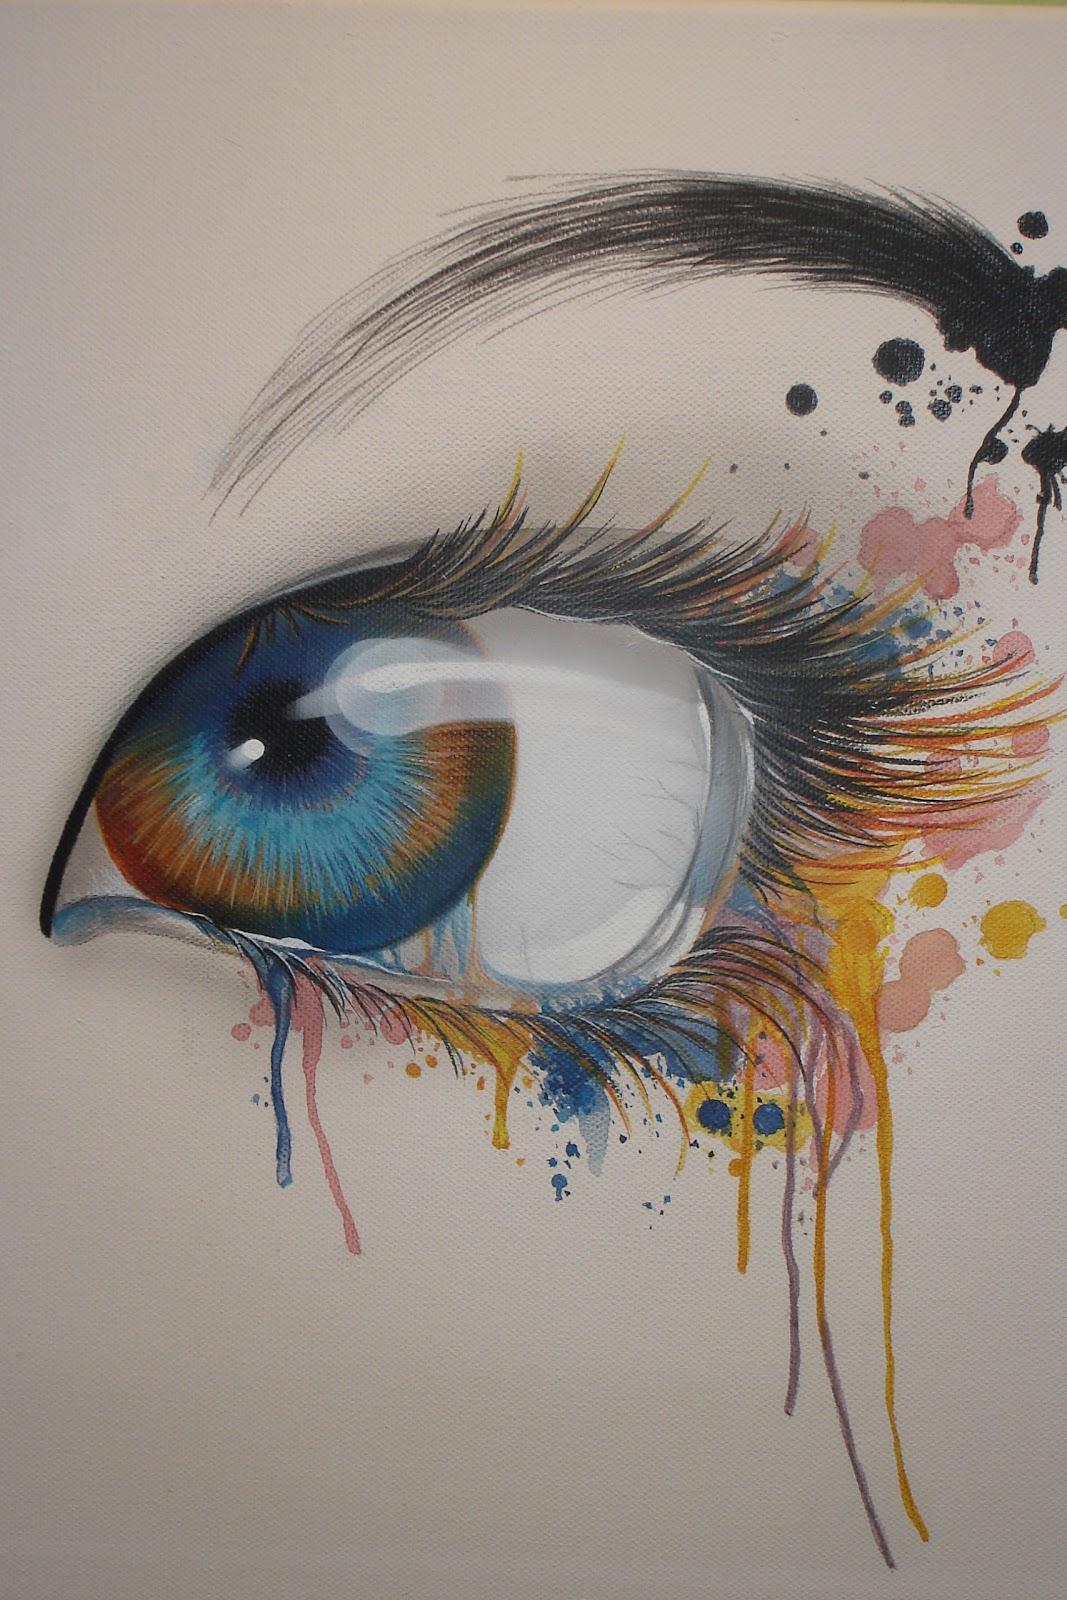 Aerografia y decoraci n 1 01 11 1 02 11 for Cool watercolor tricks